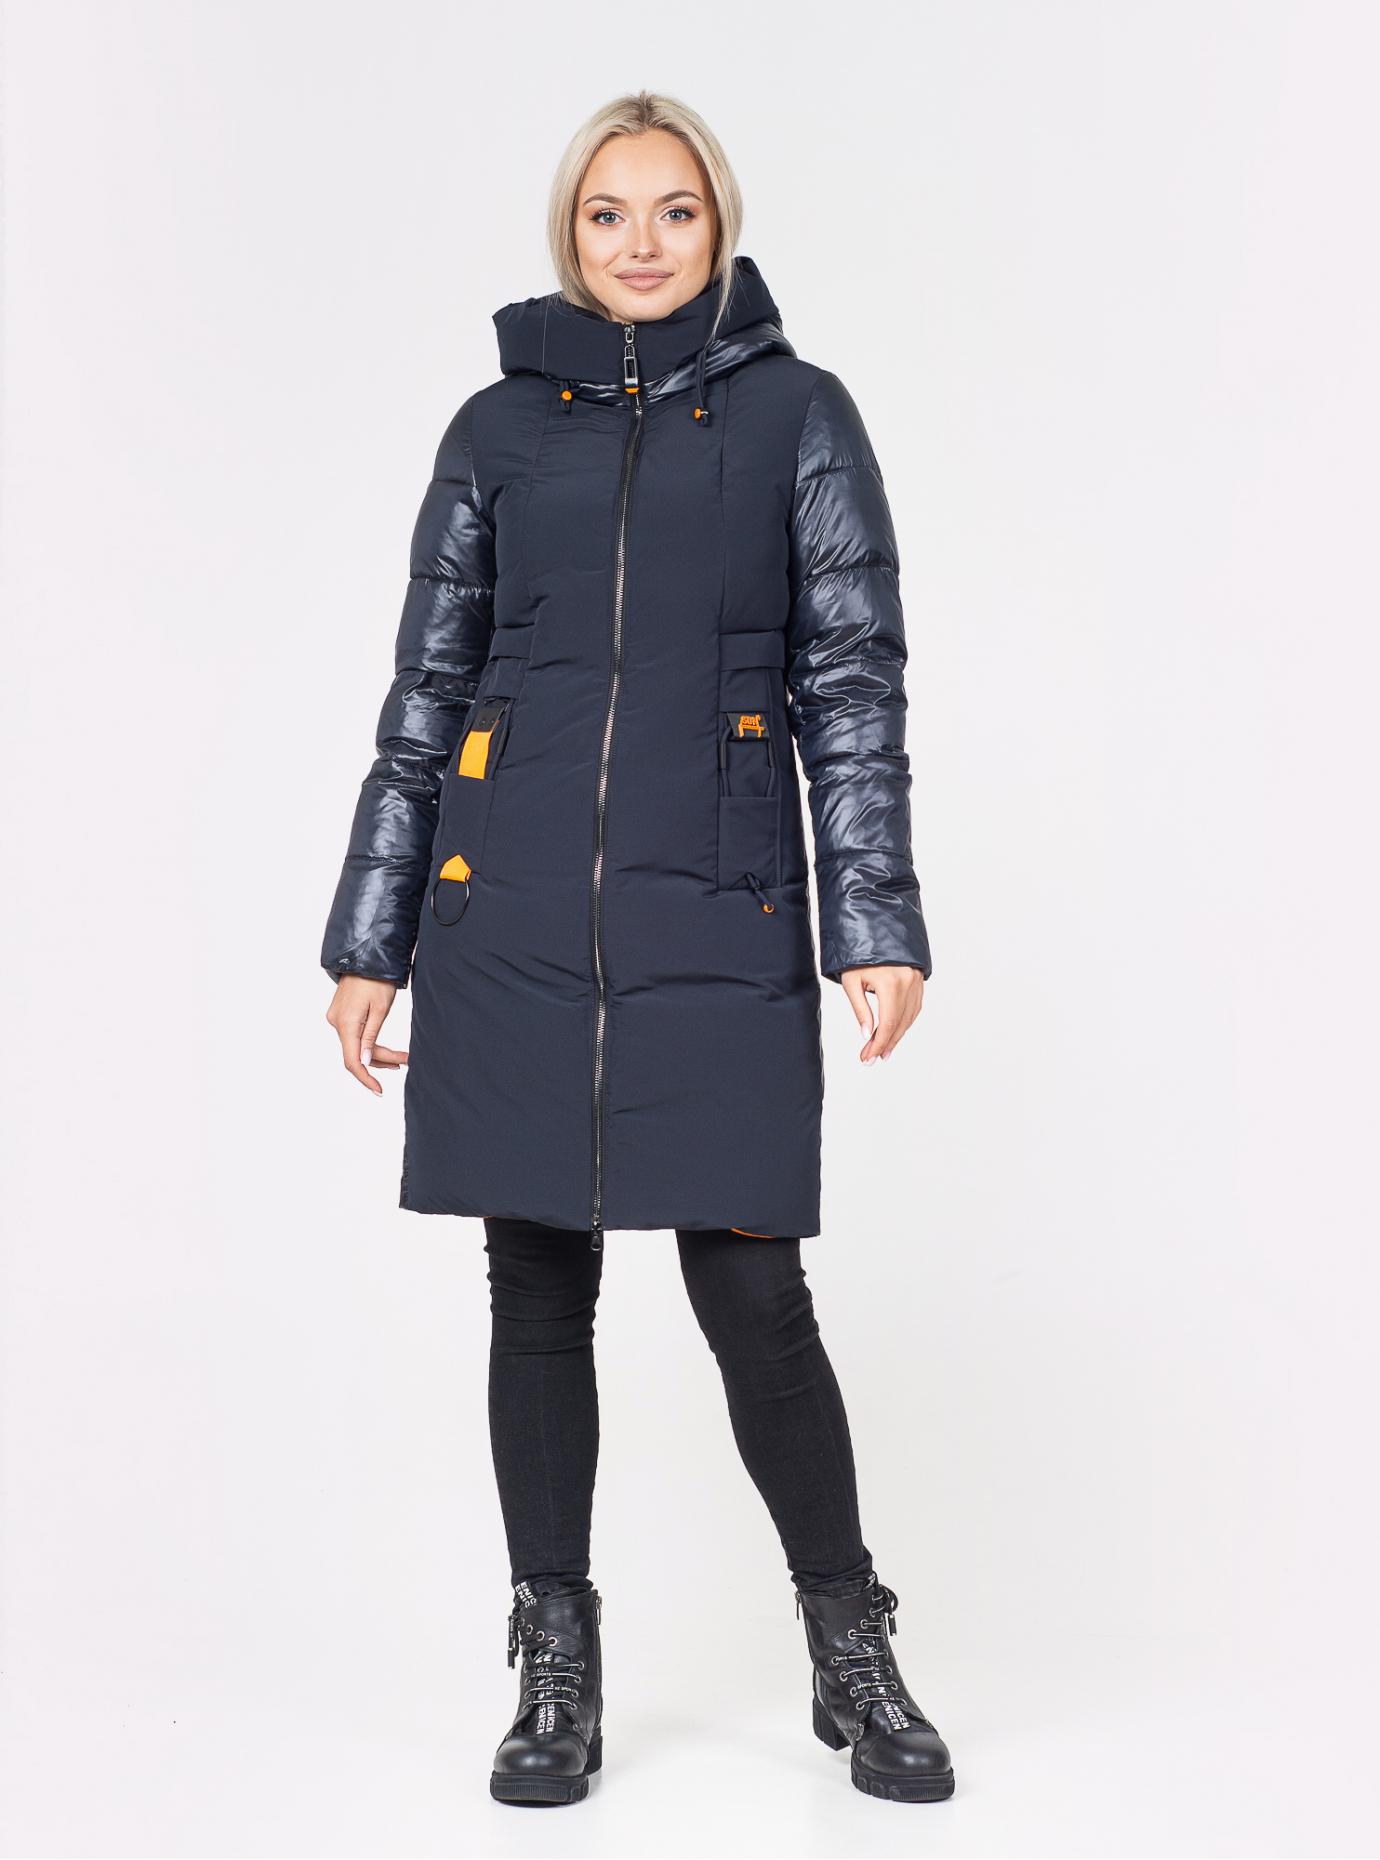 Куртка зимняя длинная прямого фасона Тёмно-синий S (07-VP201207): фото - Alster.ua